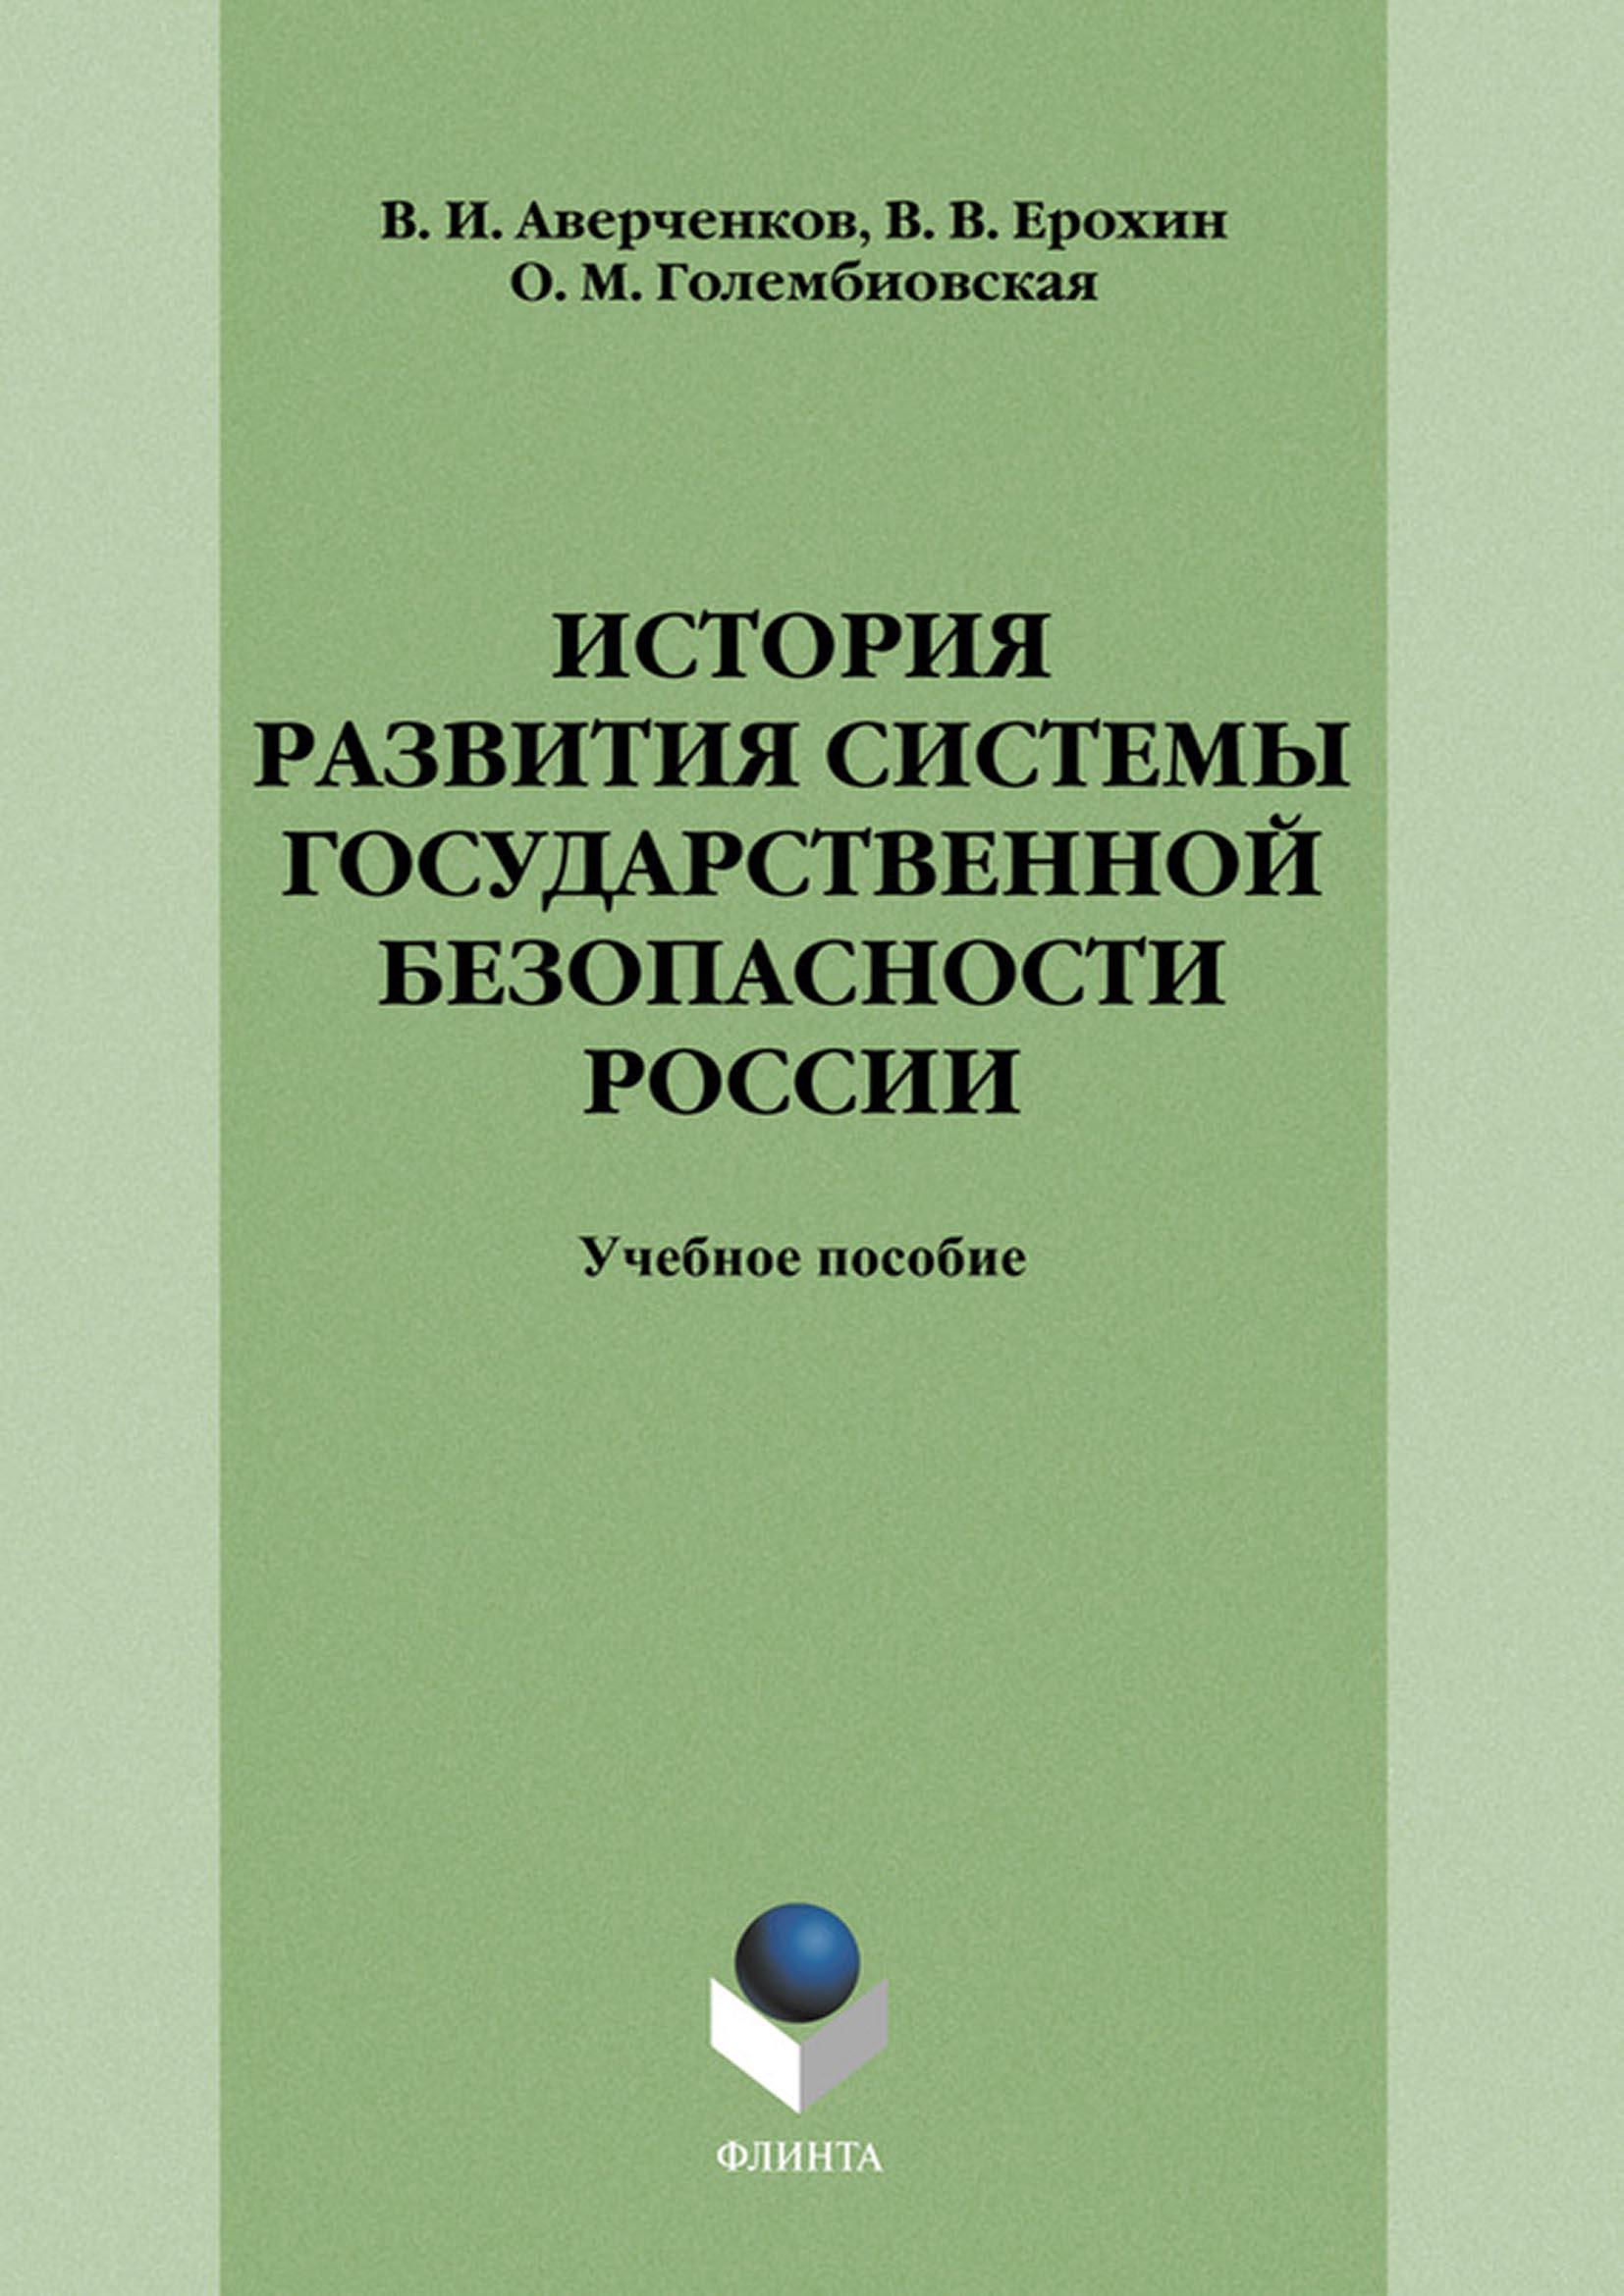 цена на В. И. Аверченков История развития системы государственной безопасности России